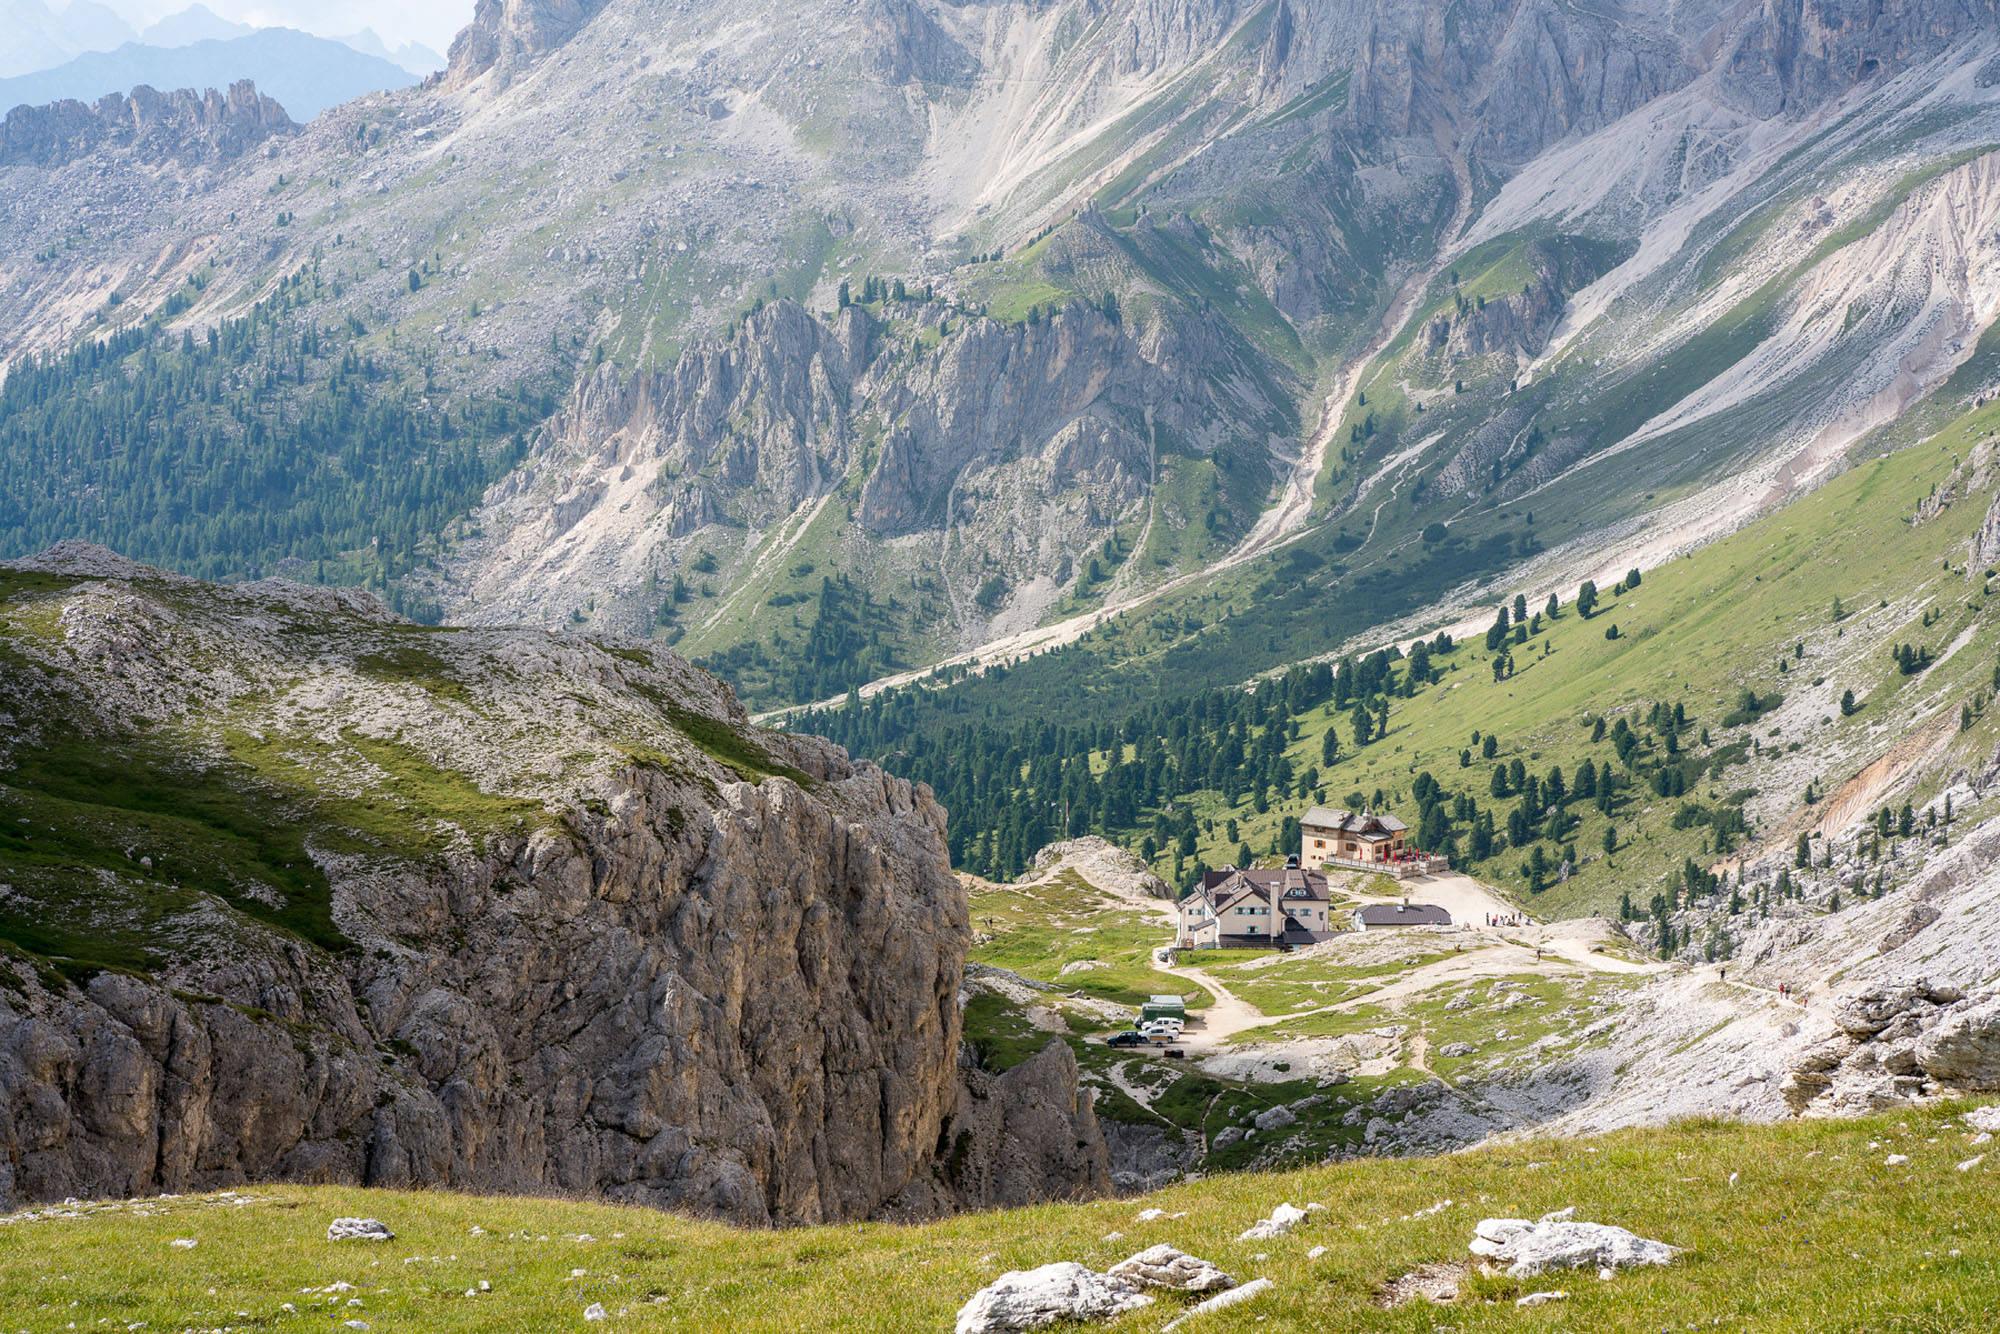 意大利解封后的夏天,我到多洛米蒂山里走了走